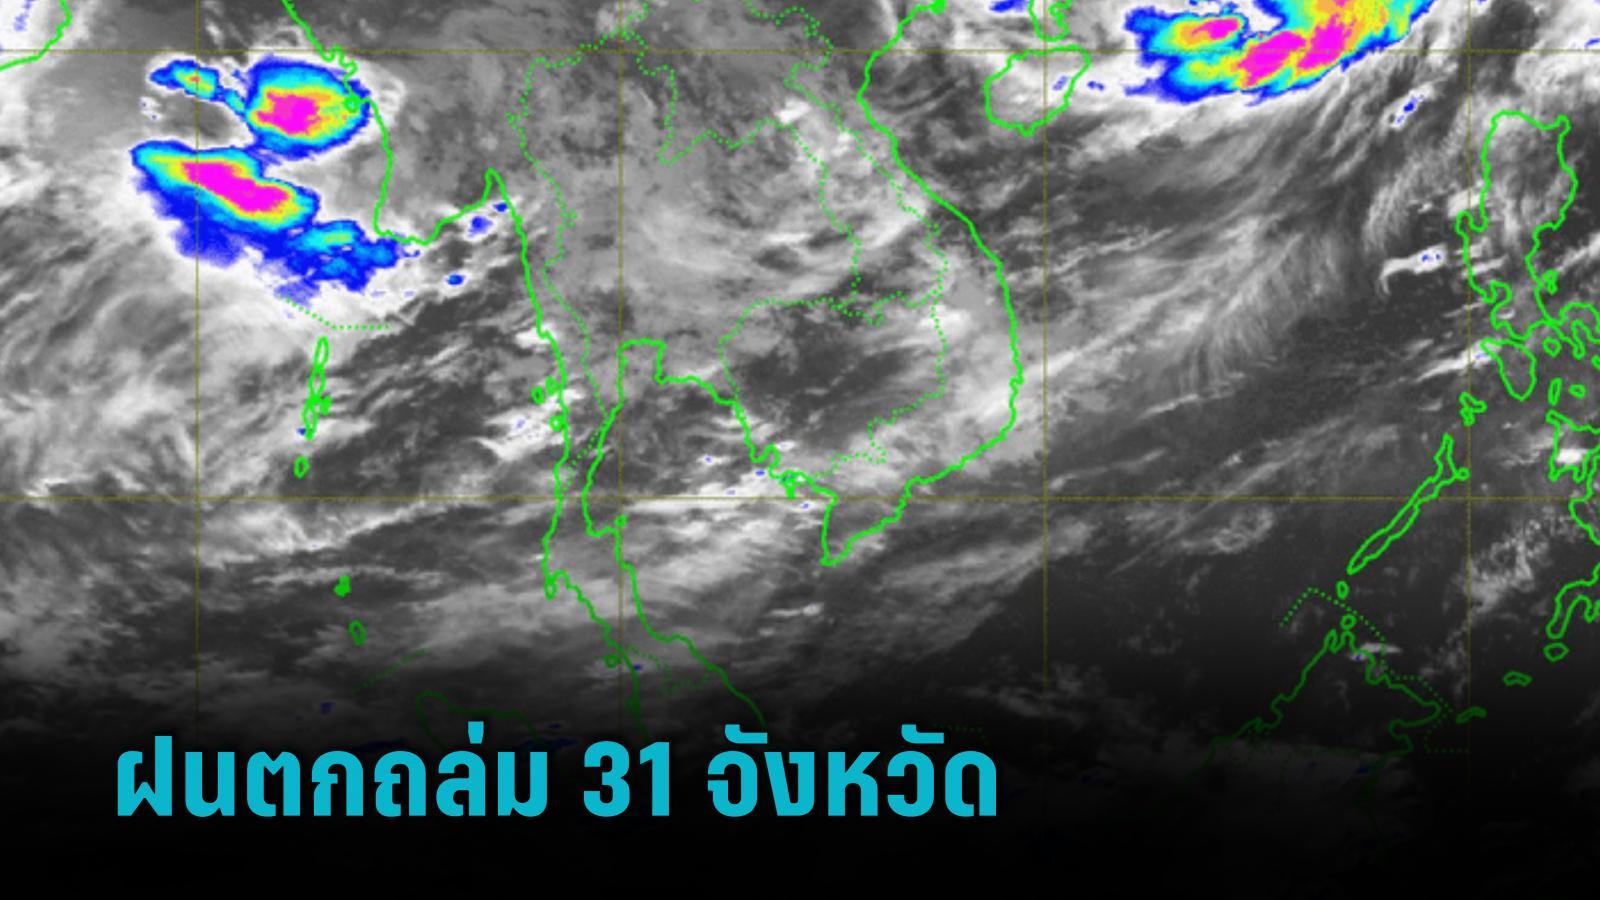 อุตุฯ เตือน ฝนตกหนัก 31 จังหวัด ระวังน้ำท่วม-คลื่นสูง